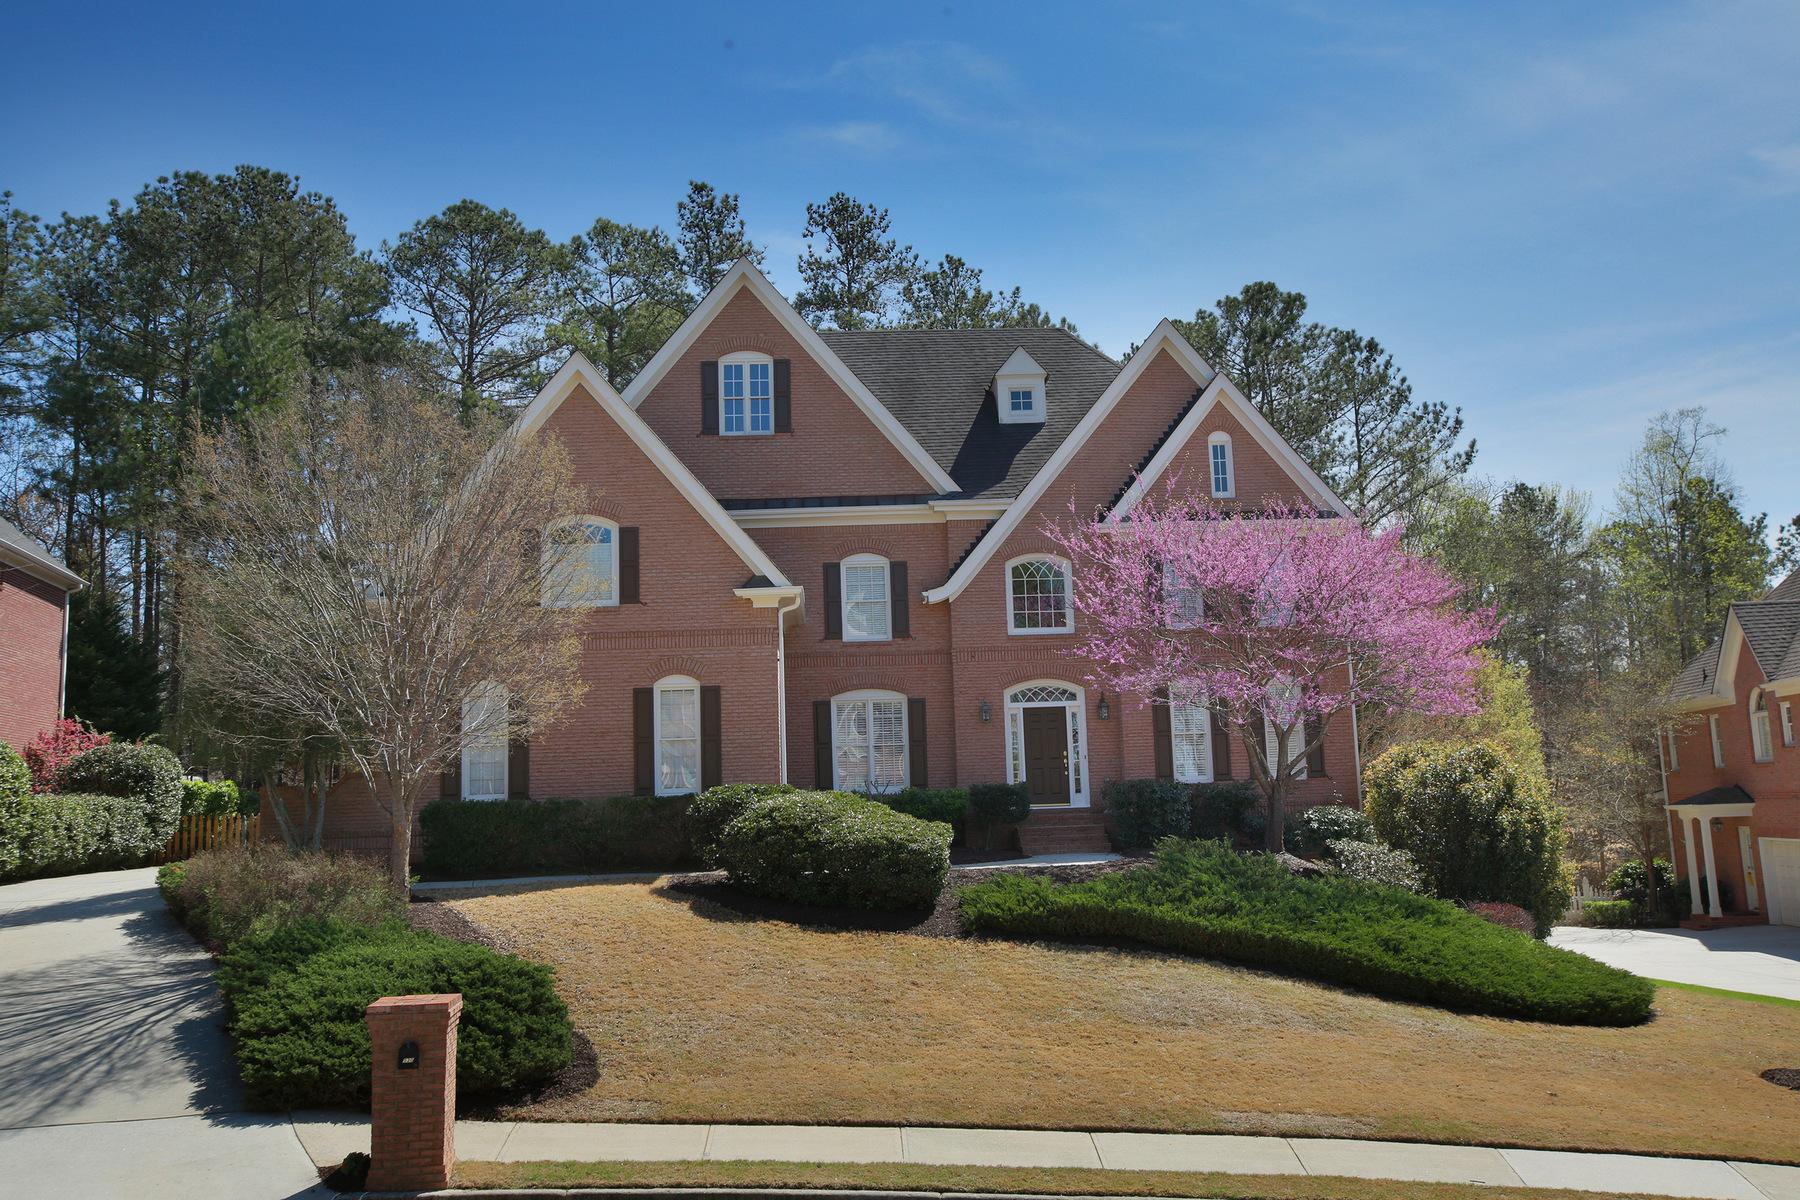 一戸建て のために 売買 アット Glen Abbey Quiet Cul-De-Sac Home 530 Ebley Place Alpharetta, ジョージア, 30022 アメリカ合衆国